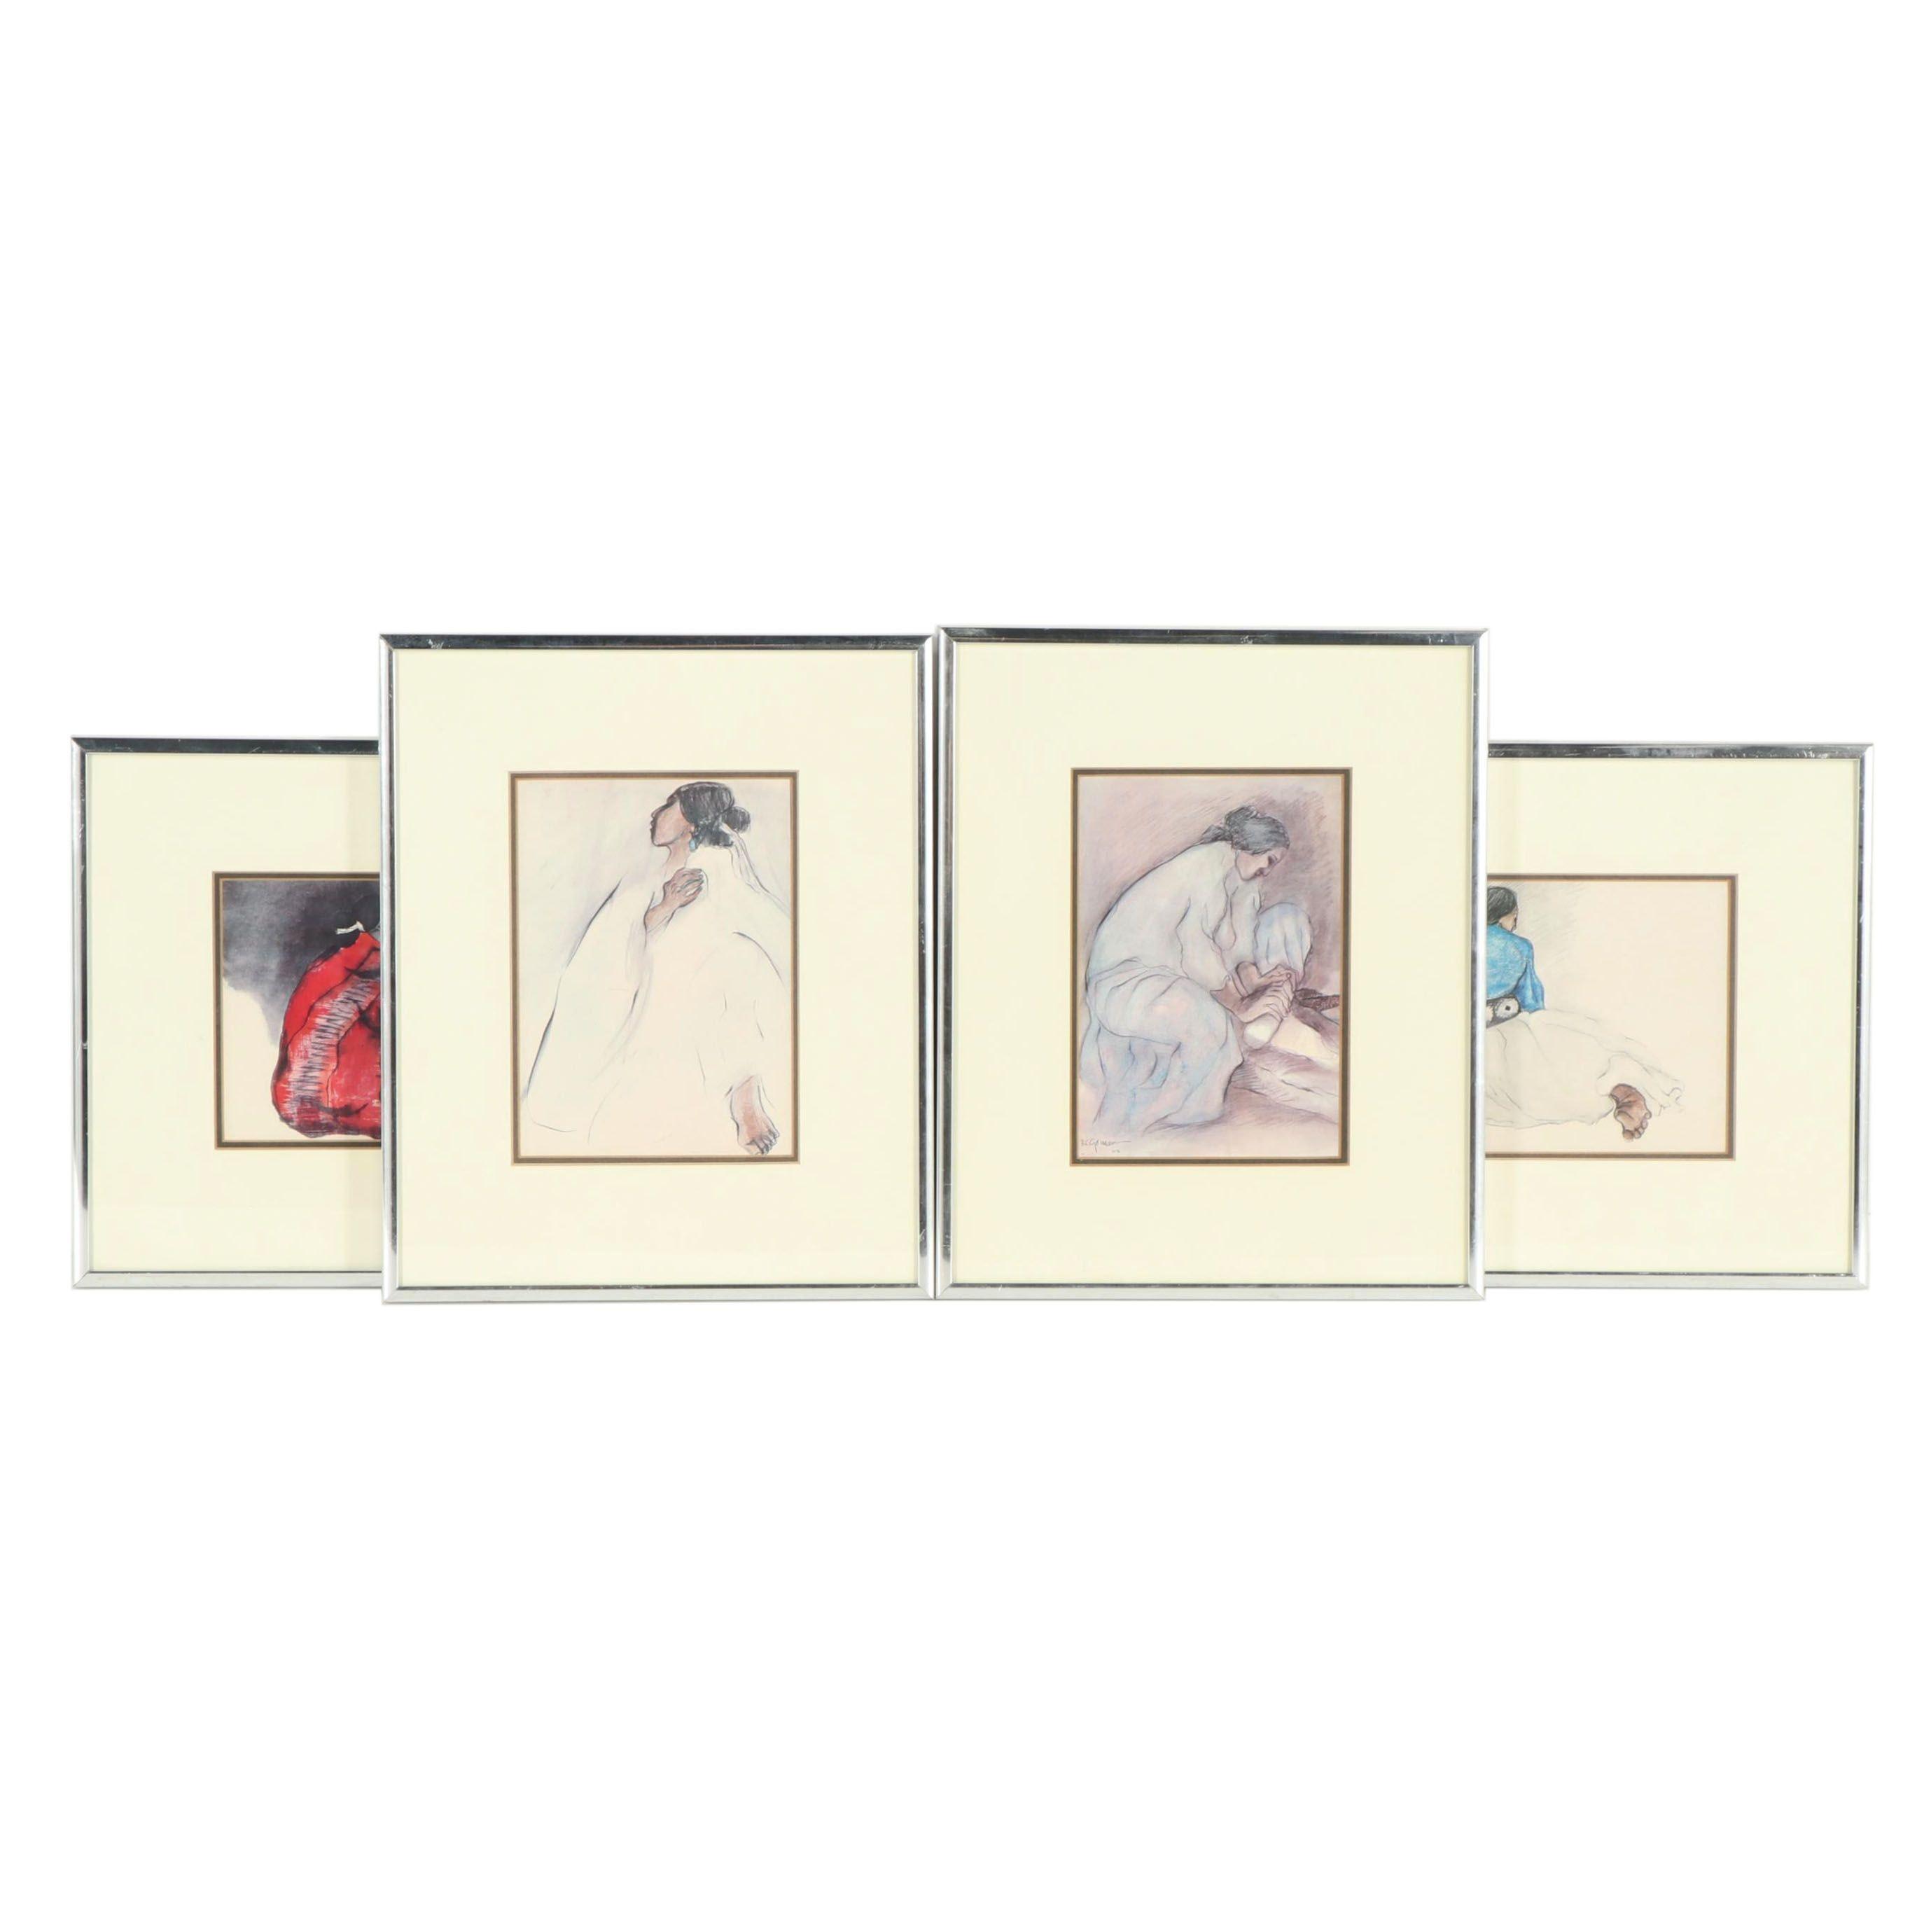 Offset Lithographs after R.C. Gorman